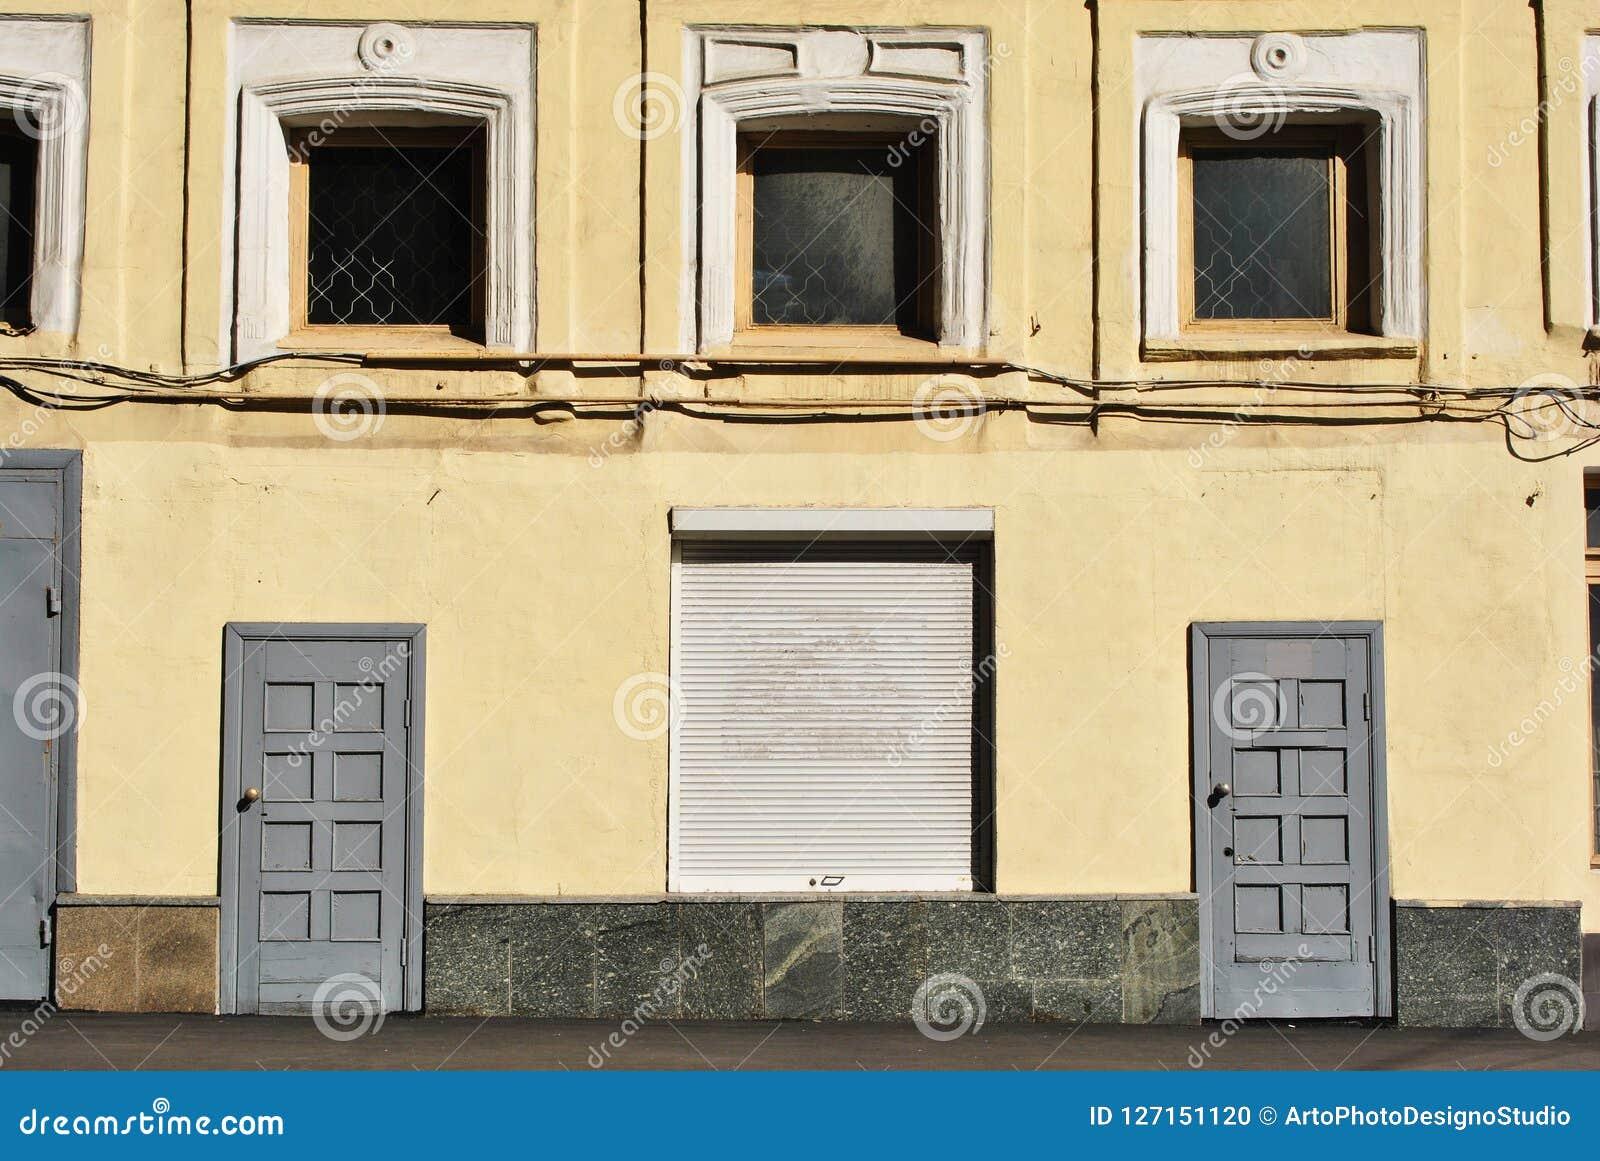 Dipinto in parete gialla di costruzione con le finestre e le porte alte imbarcate